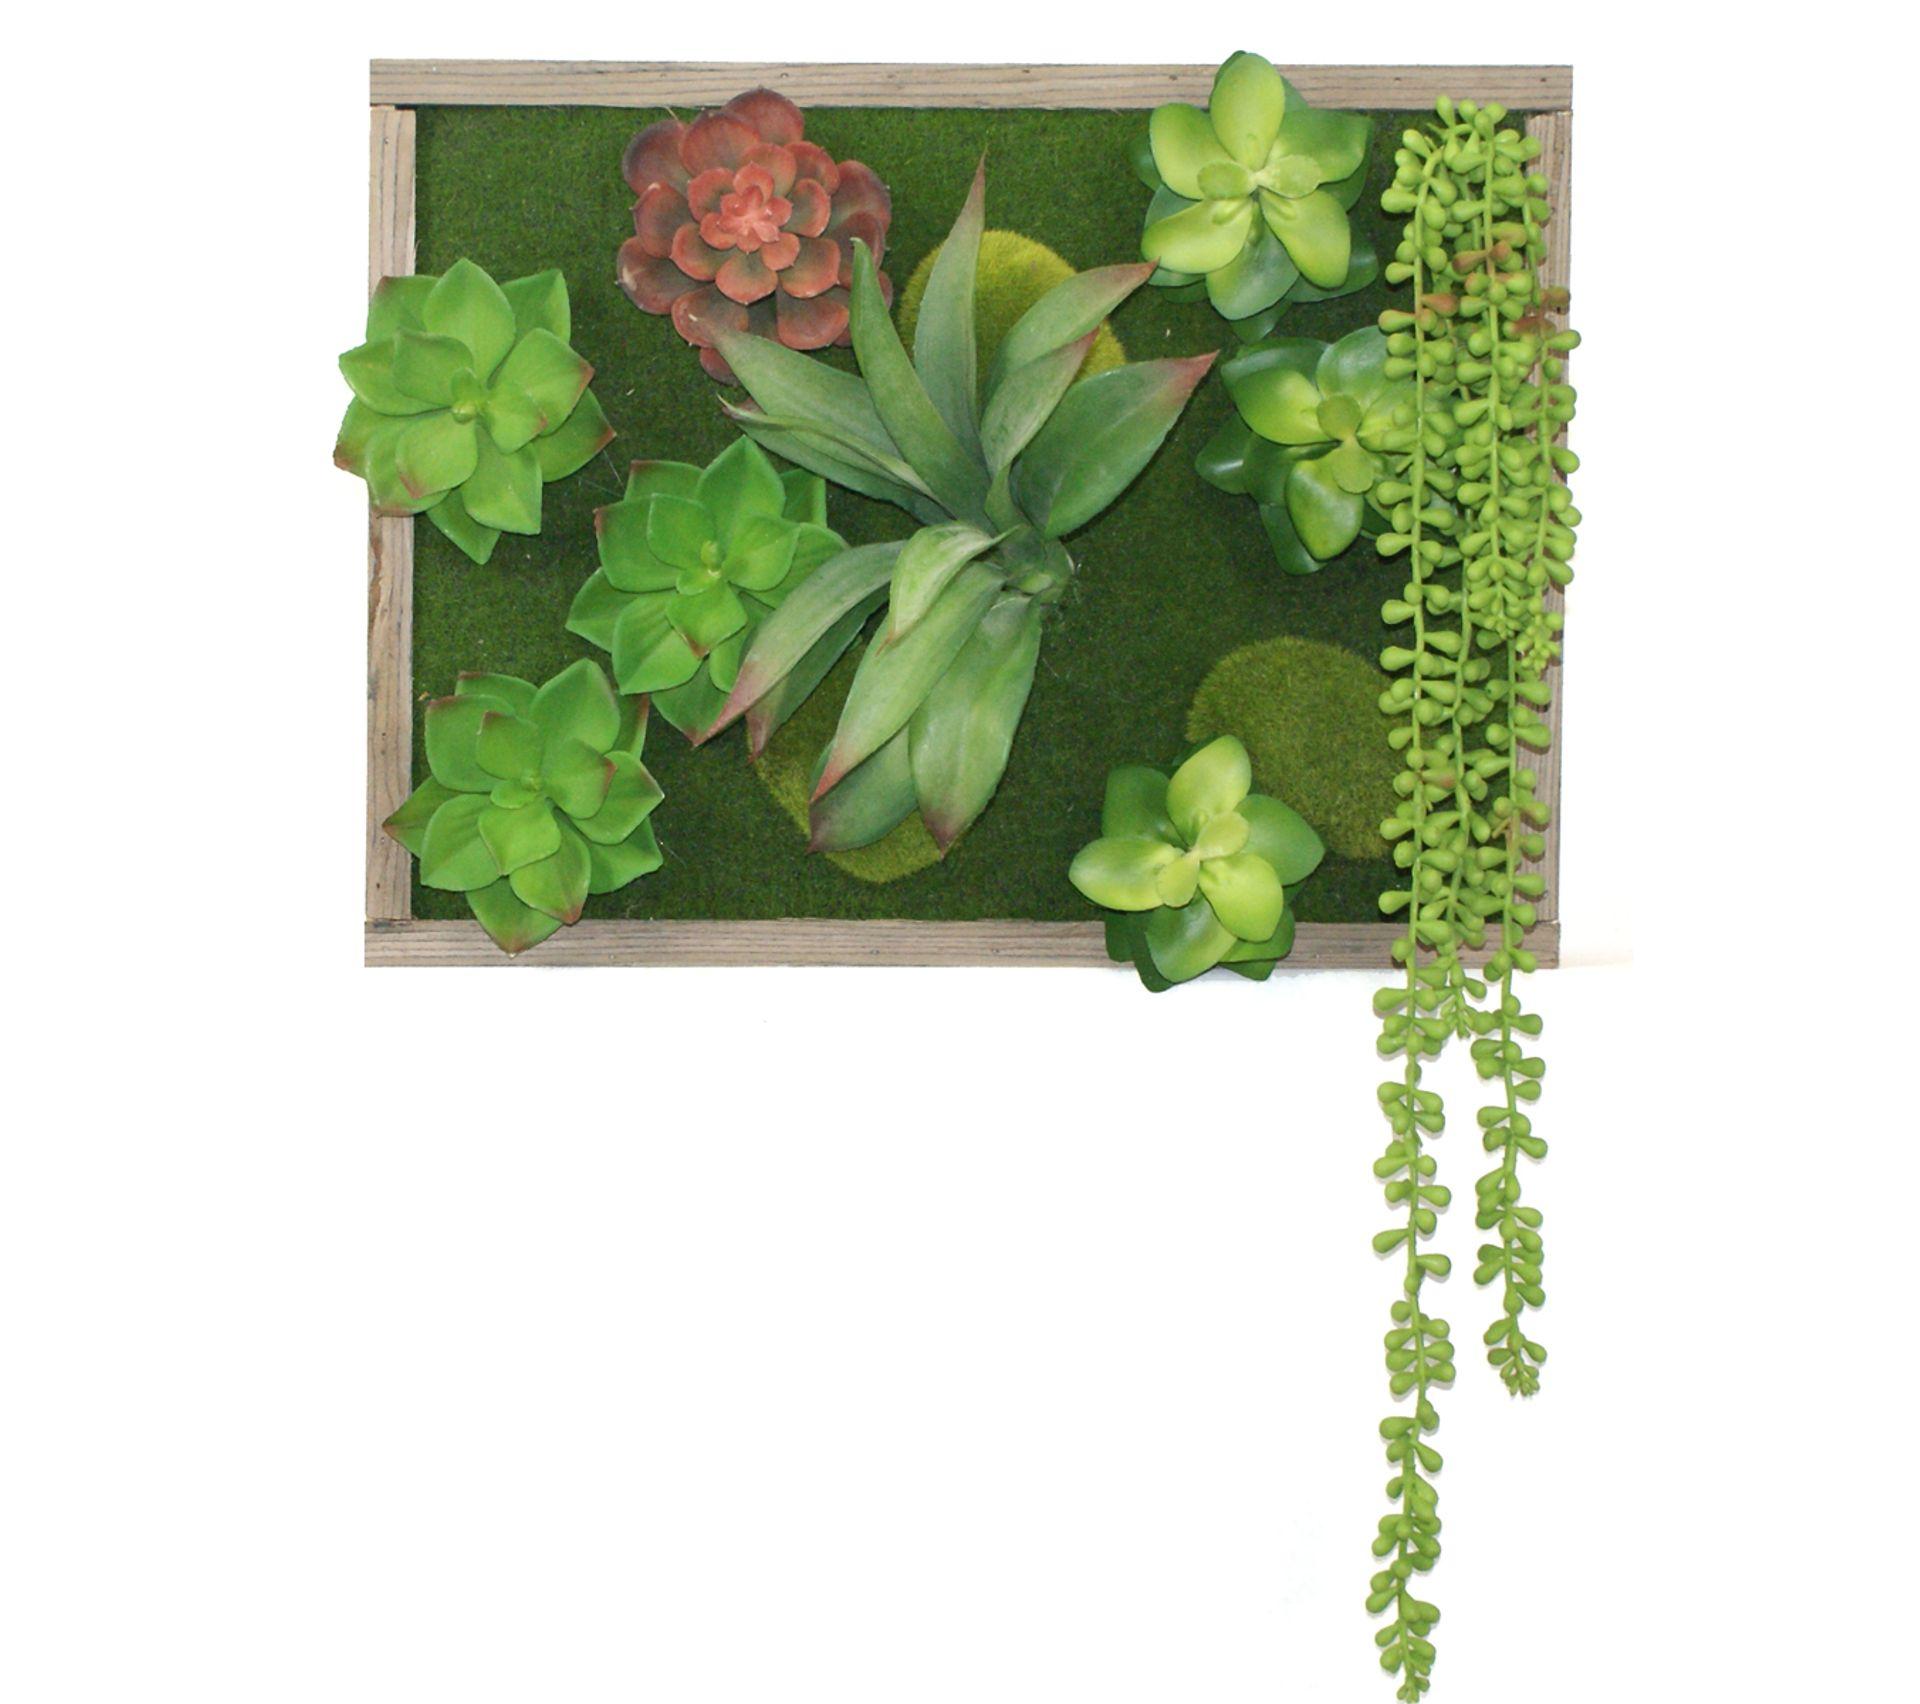 Tableau Végétal Mural Avec Plantes Grasses Et Cadre Bois - 40x30cm